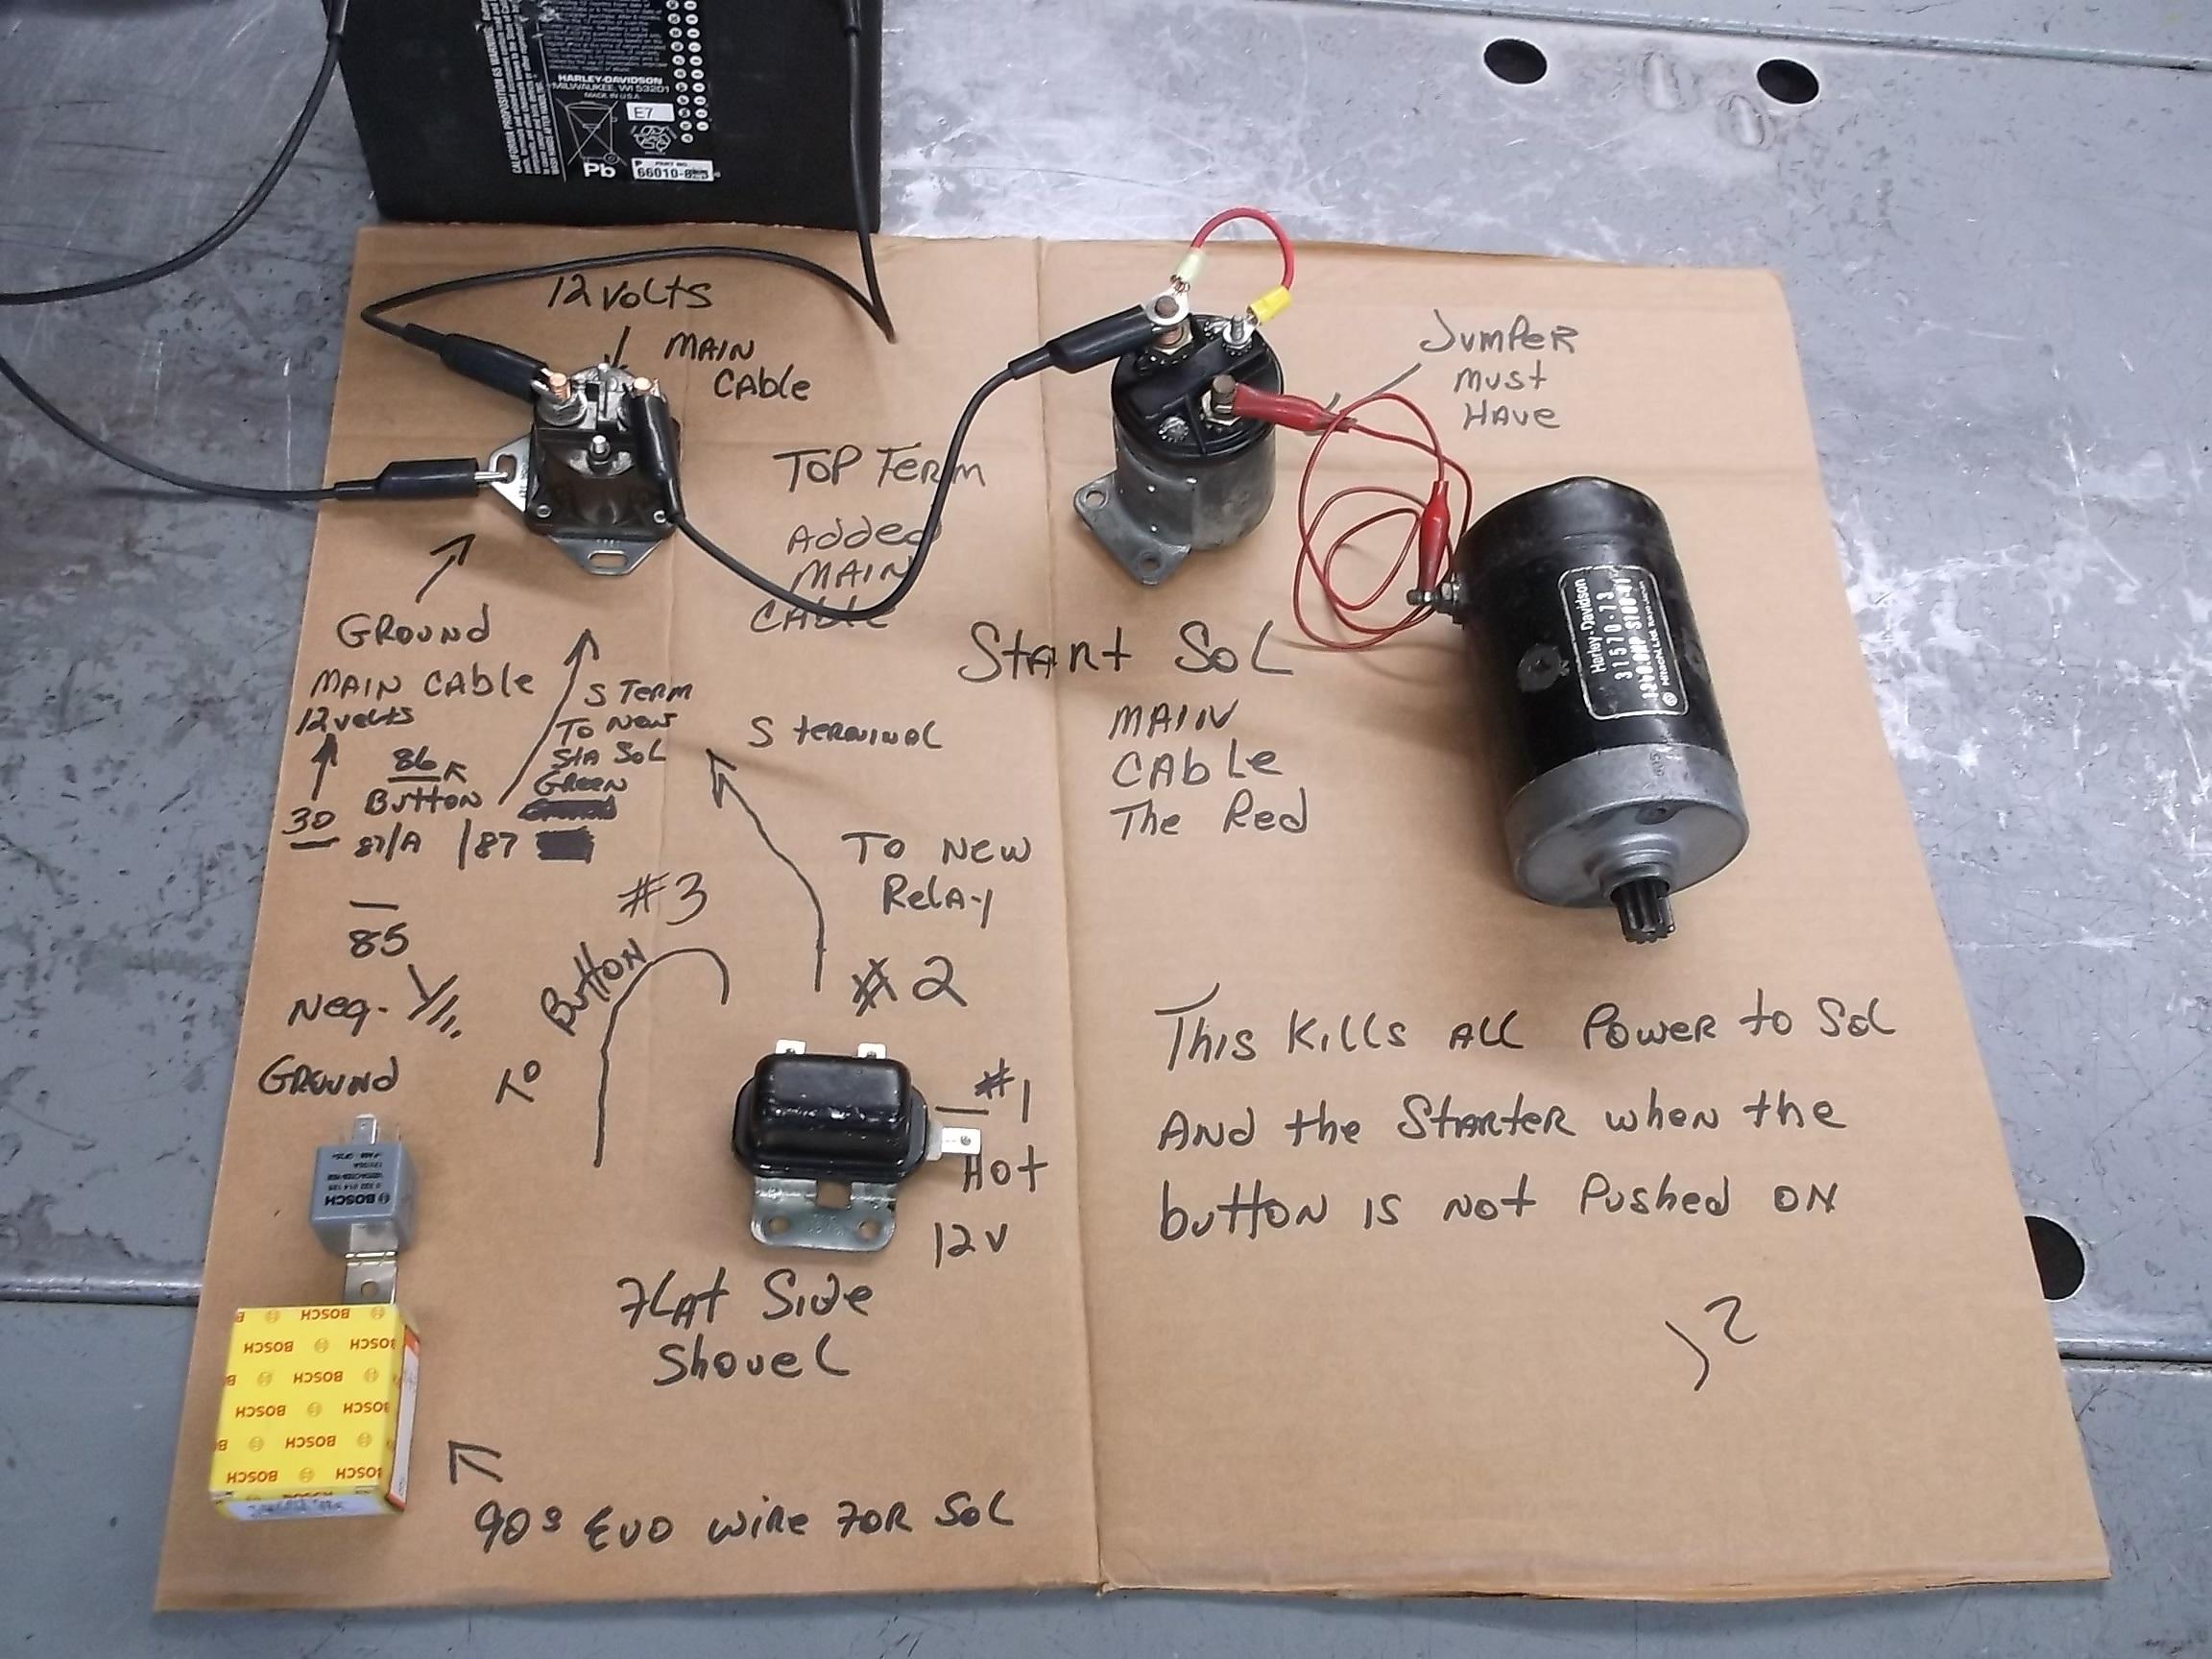 Harley Davidson Wiring Harness Wiring Diagram Wiring Schematics